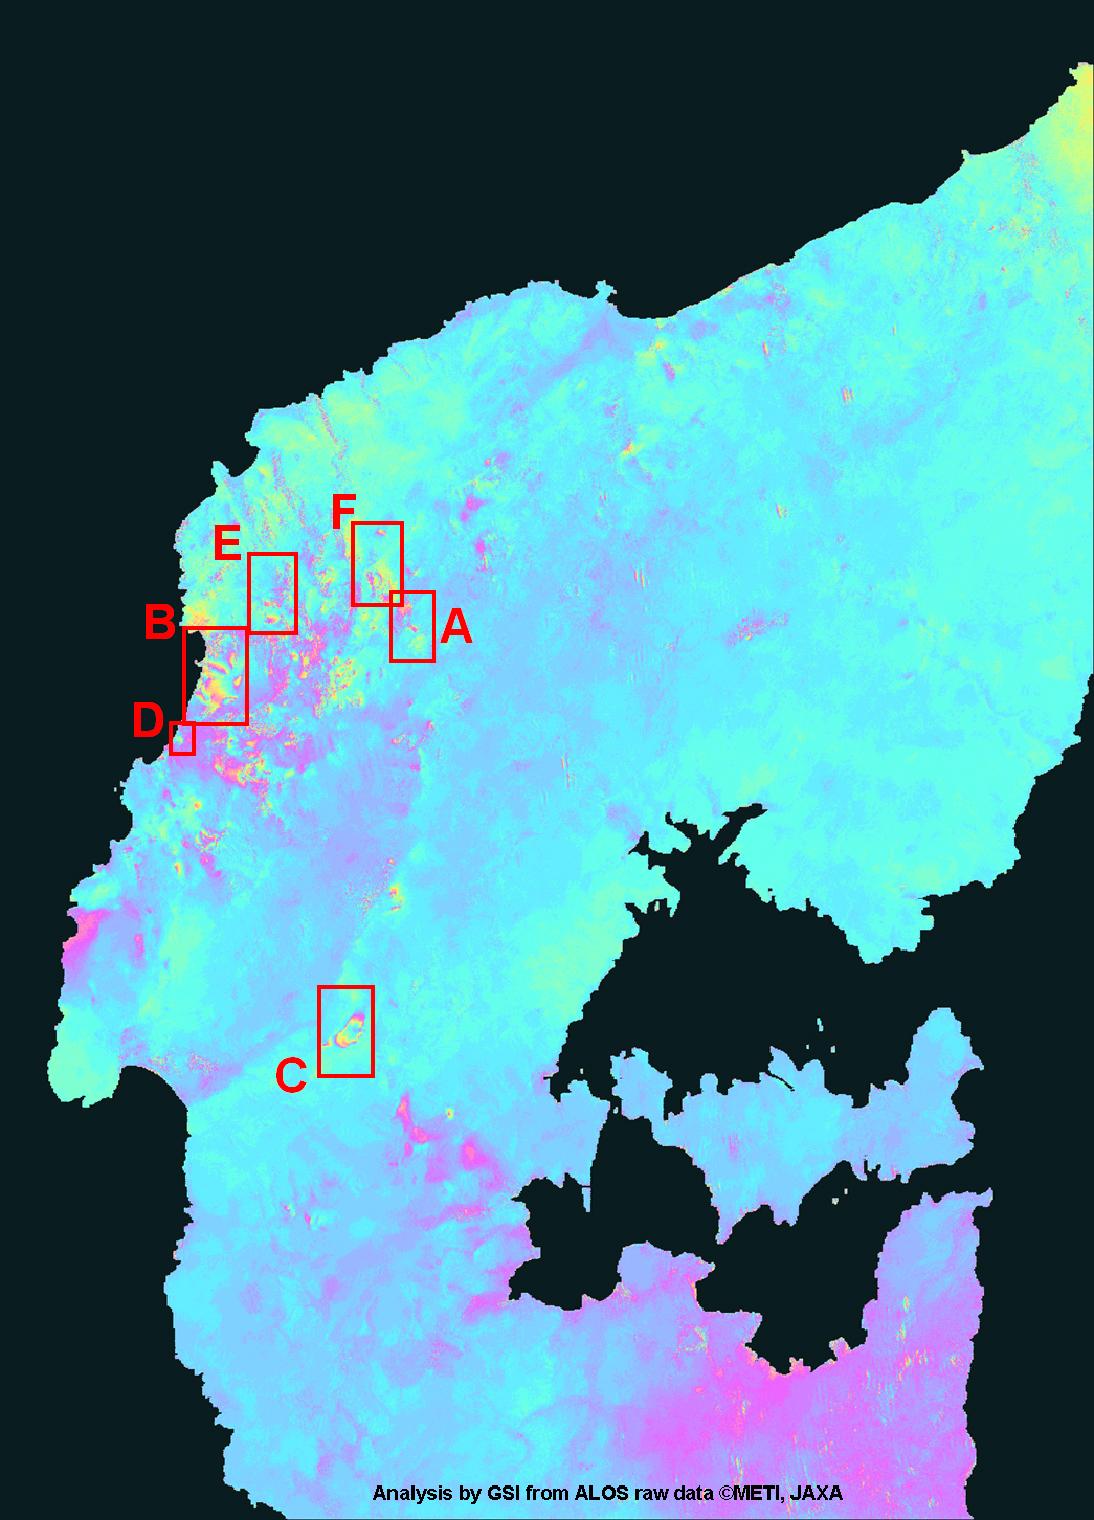 「平成19年能登半島地震」で発生した地表変動に関するSAR干渉画像判読カード」作成範囲を示した。索引図に掲げる5つの範囲のうち、干渉縞が判りやすいように一部分を拡大して判読カードを作成しました。